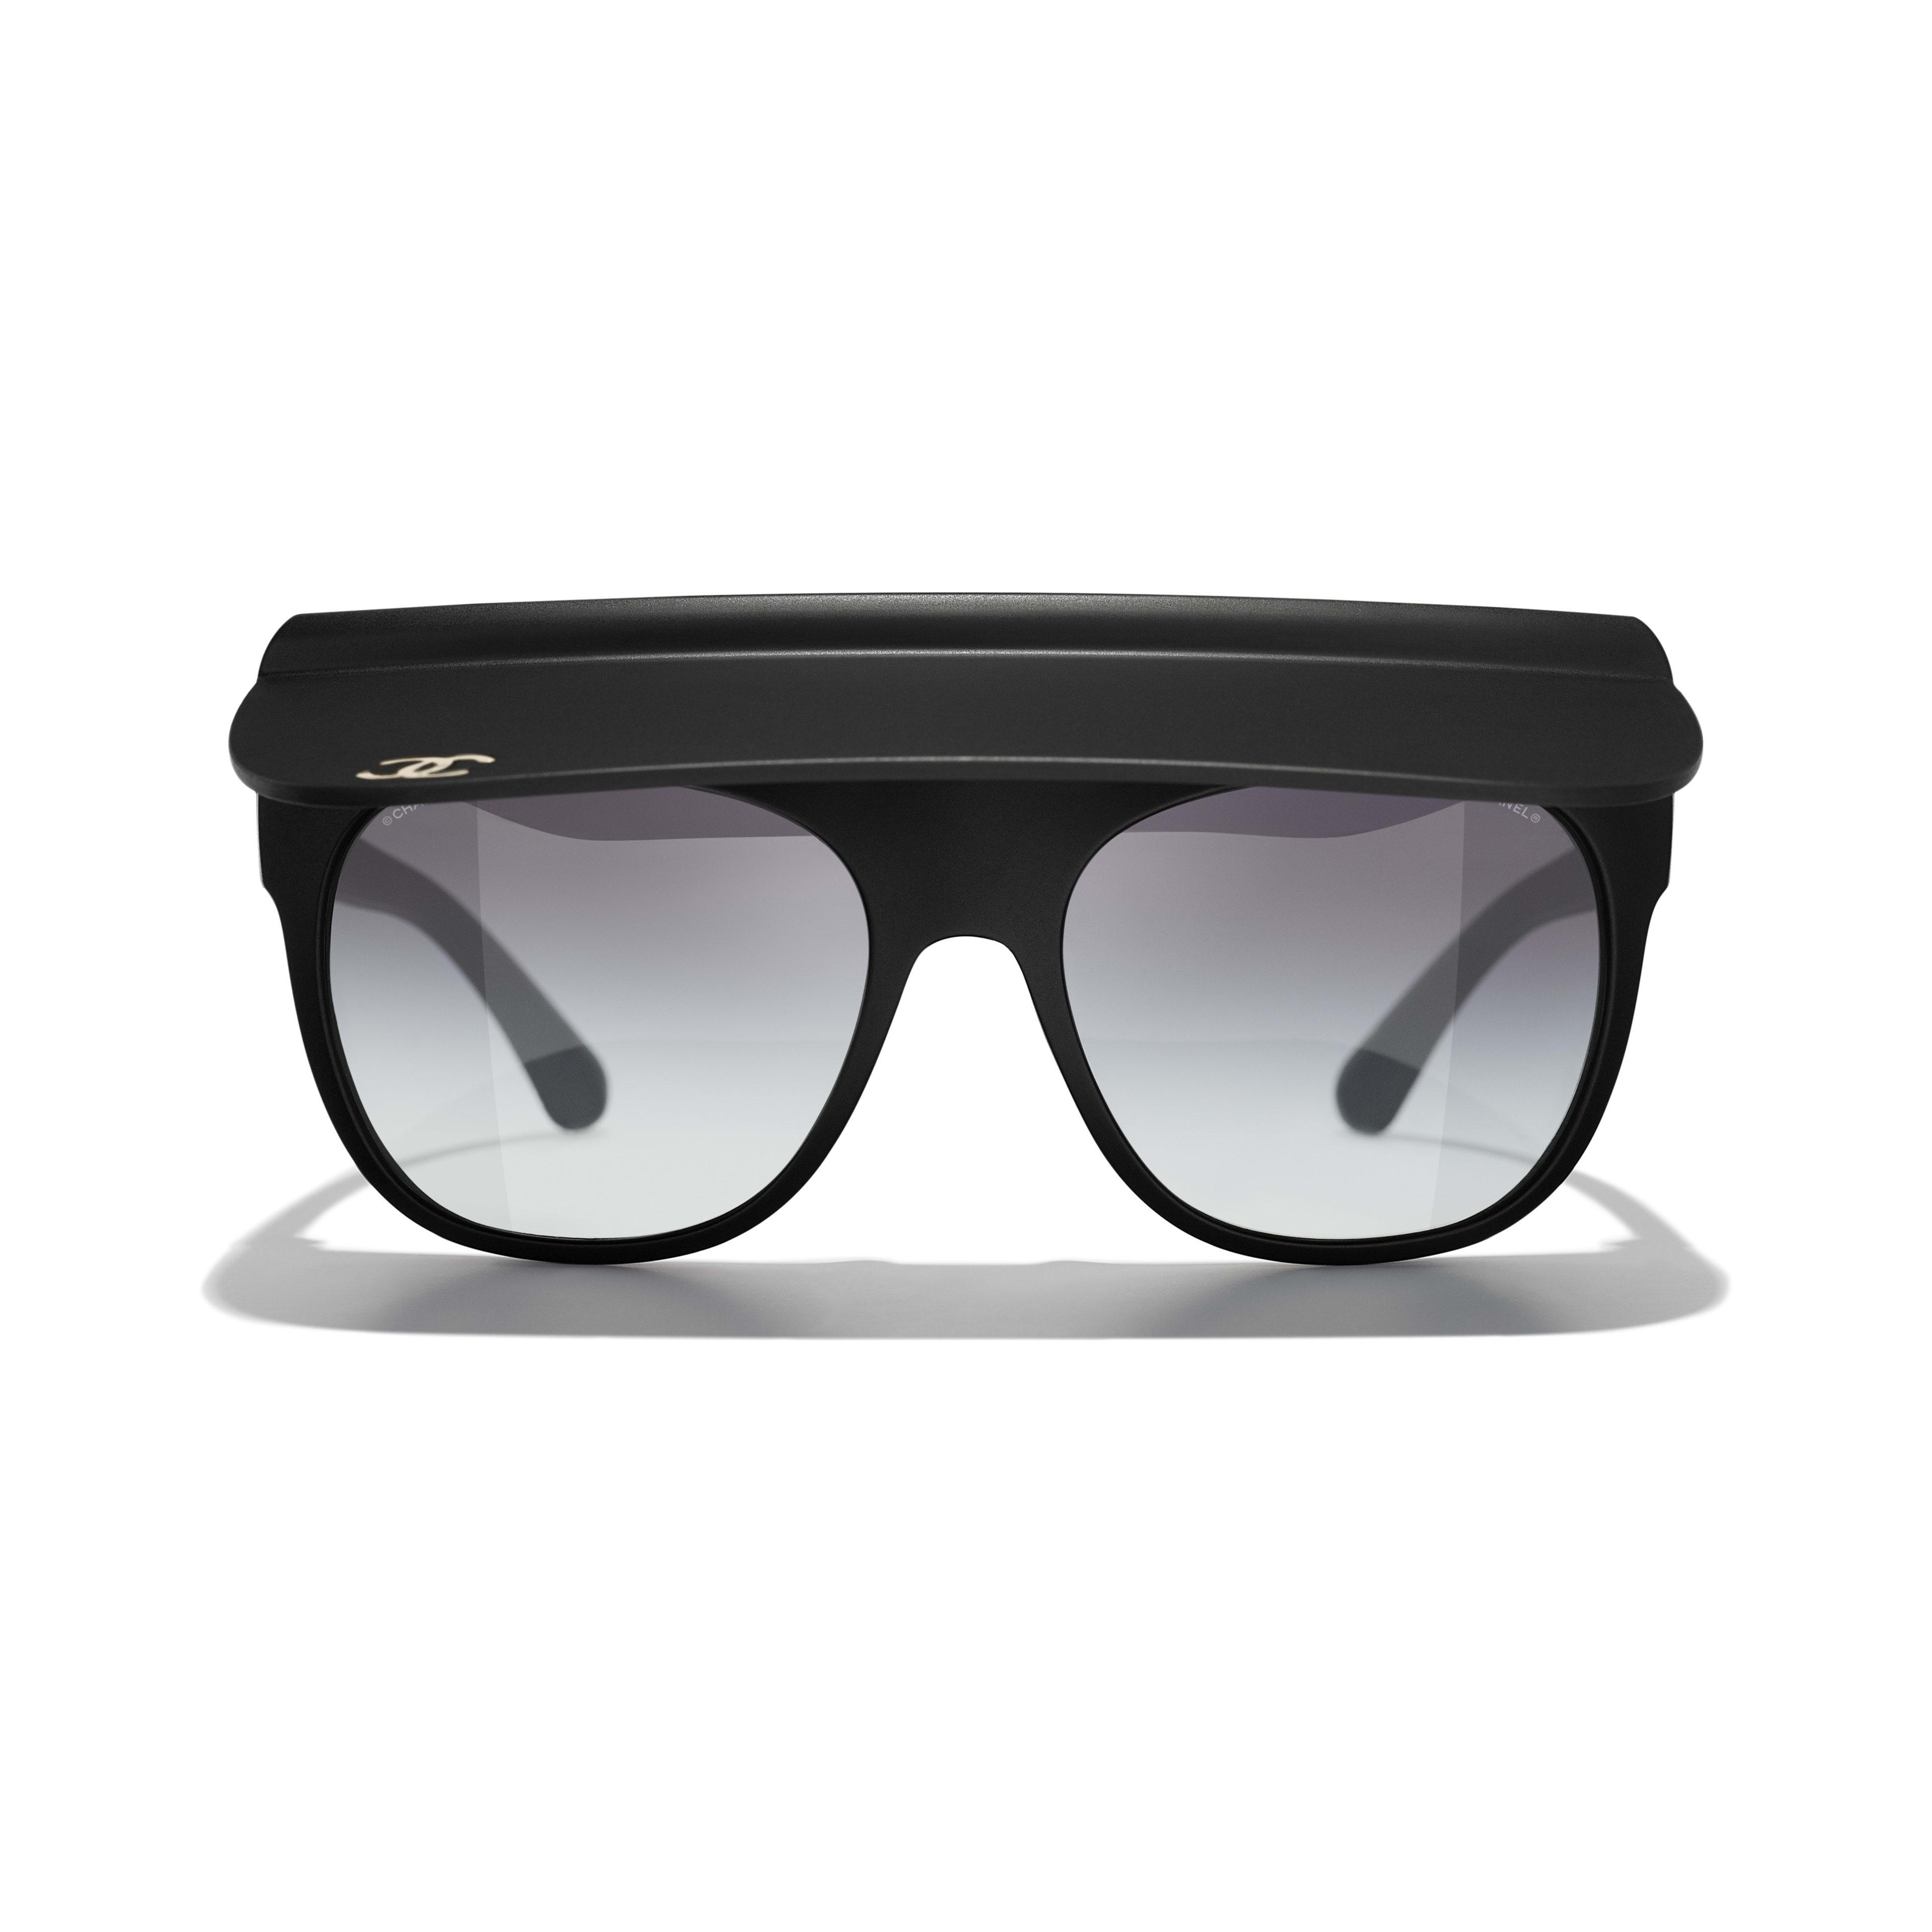 Occhiali a visiera - Nero - Nylon - CHANEL - Immagine diversa - vedere versione standard